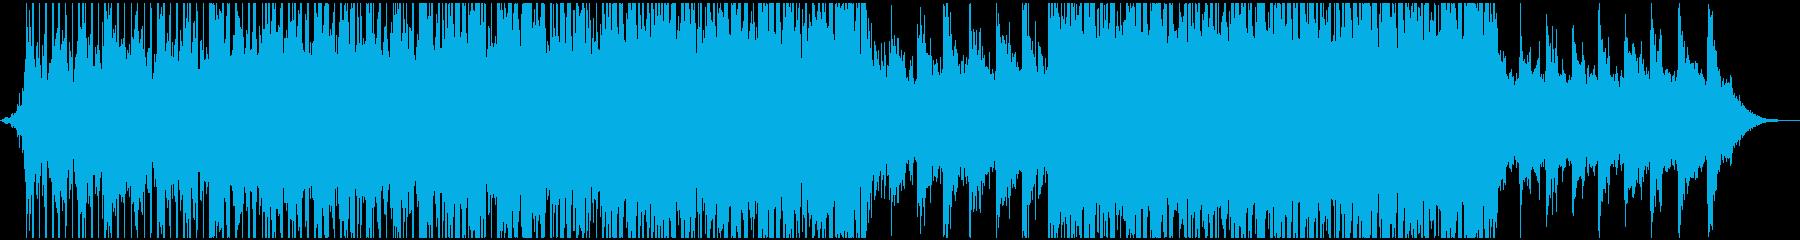 チャイニーズポップ ポップロック ...の再生済みの波形